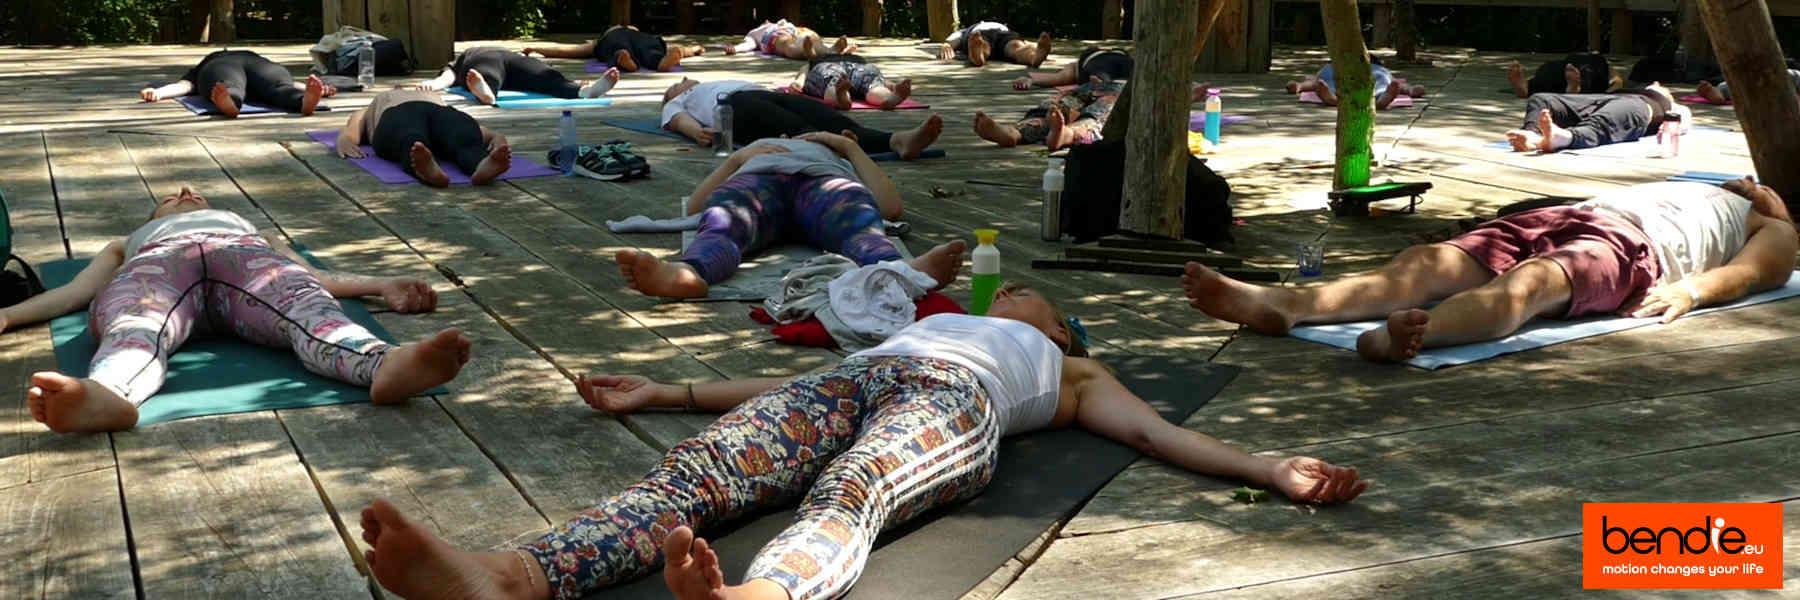 De tarieven van Bendie in Leeuwarden, daar wordt je stil van. Acrobatiek, yoga, handstand, massage en Teambuilding.